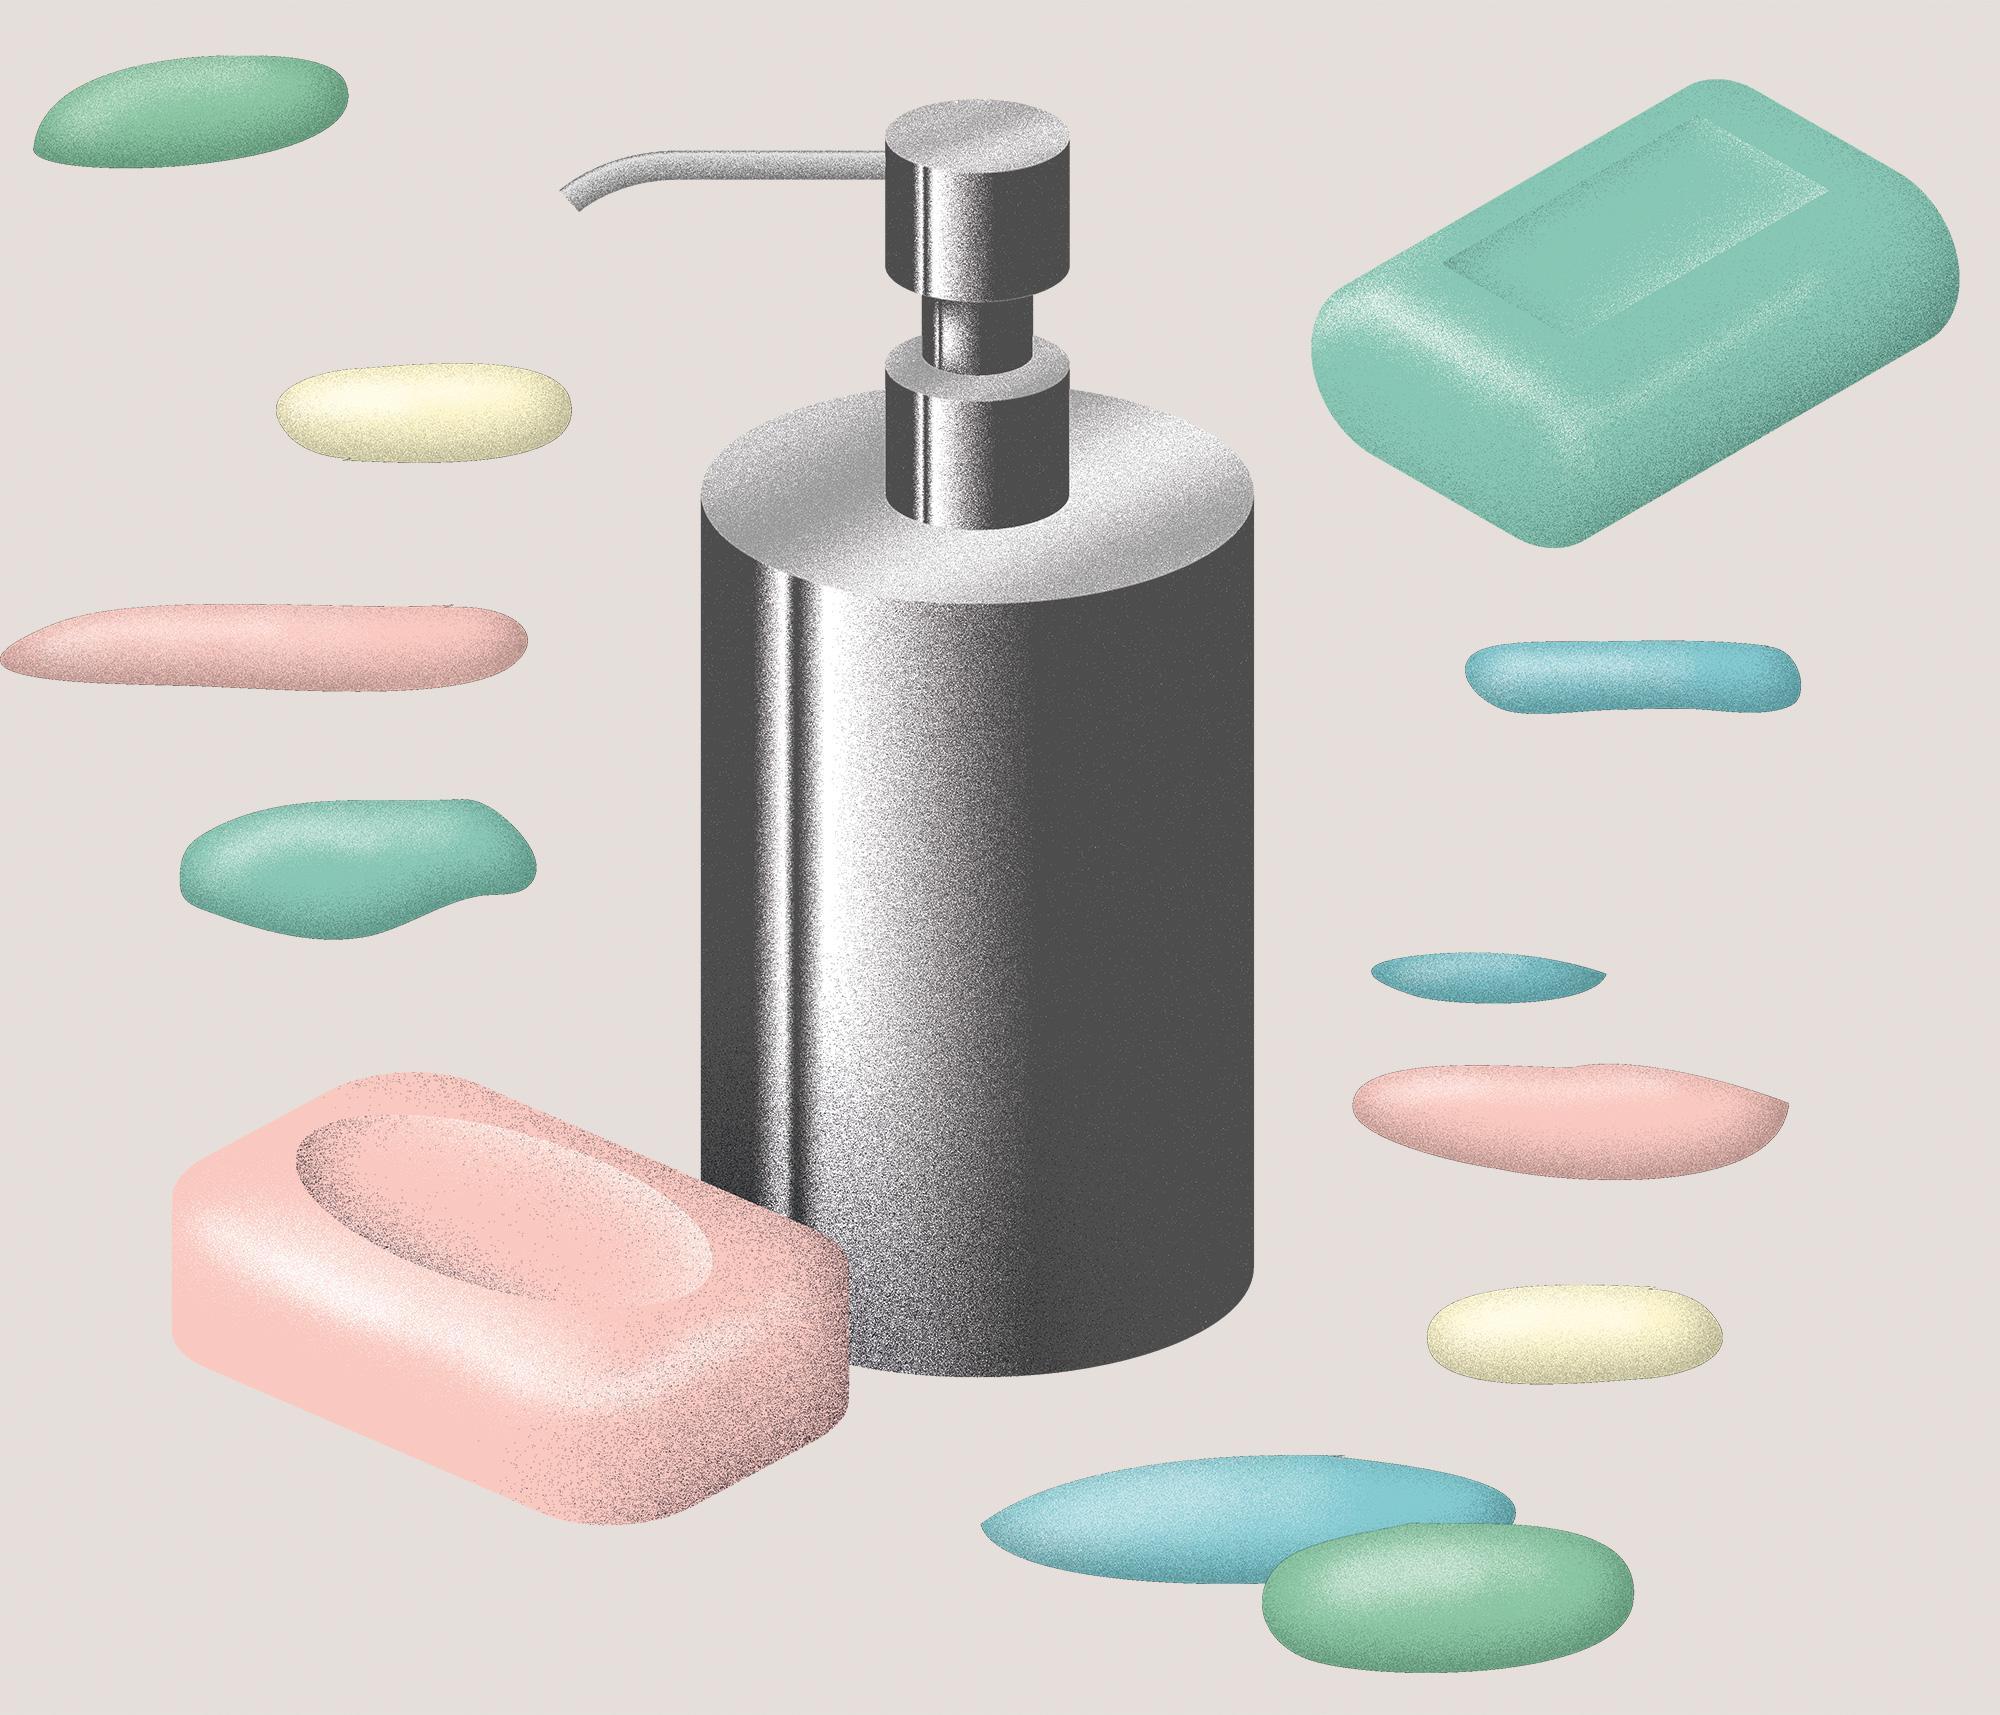 Wundertüte: Aus 120 g fester Seife erhält man durchschnittlich ungefähr 800 ml Flüssigseife.